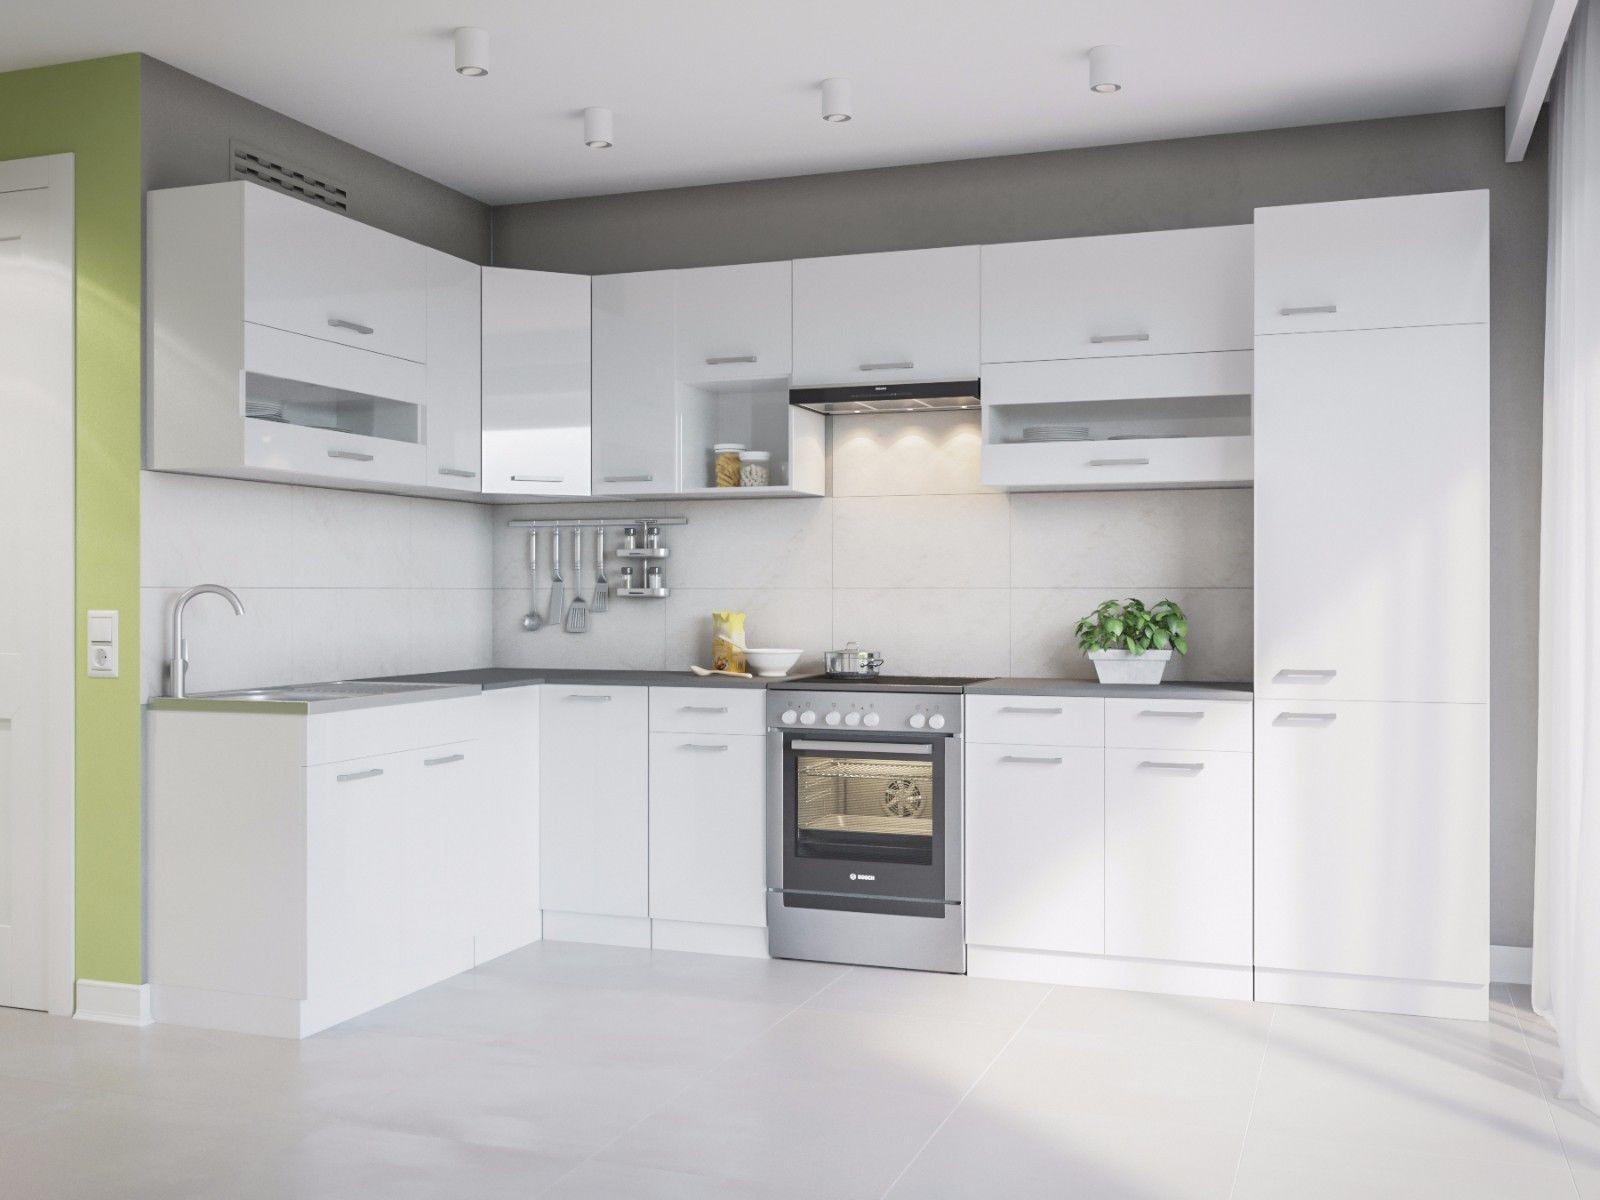 Full Size of Mini Küche über Eck Eldorado Alina 330x170 L Form Kche Wei Gnstig Kaufen Ebay Deckenleuchten Bad überzug Sofa Pendelleuchten Hängeschrank Glastüren Wohnzimmer Mini Küche über Eck